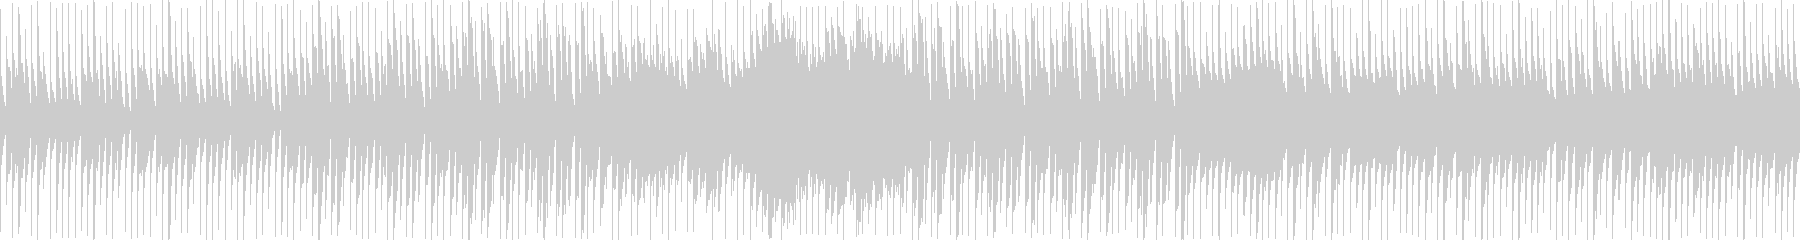 8bit:ホラー:洞窟:ゲーム【ループ】の未再生の波形